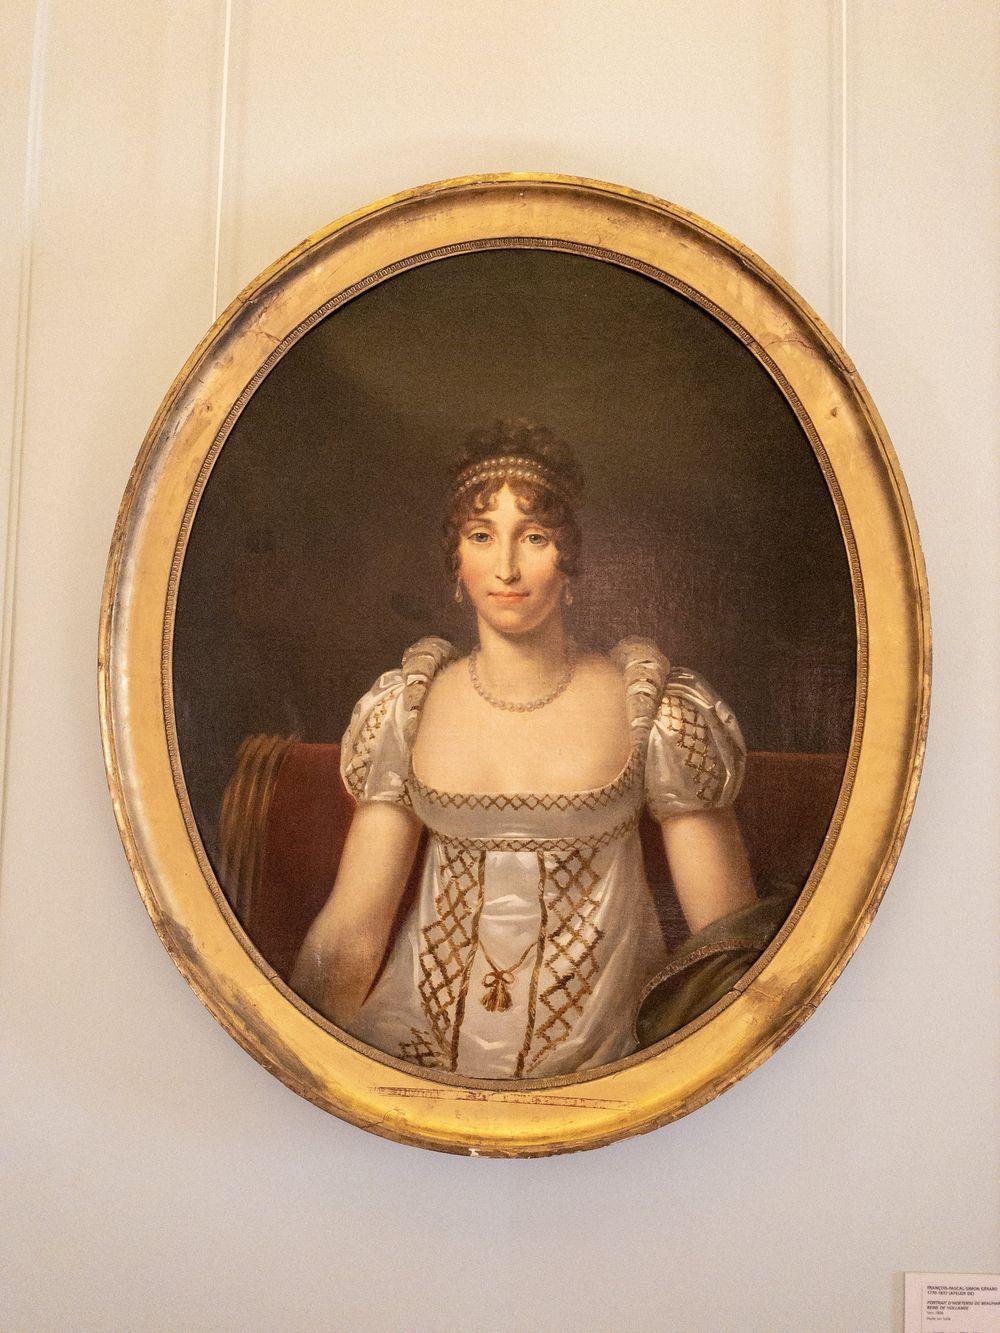 Musee Marmottan Monet - Francois-Pascal-Simon Gérard, Portrait d'Hortense de Beauharnais, Reine de Hollande, 1806